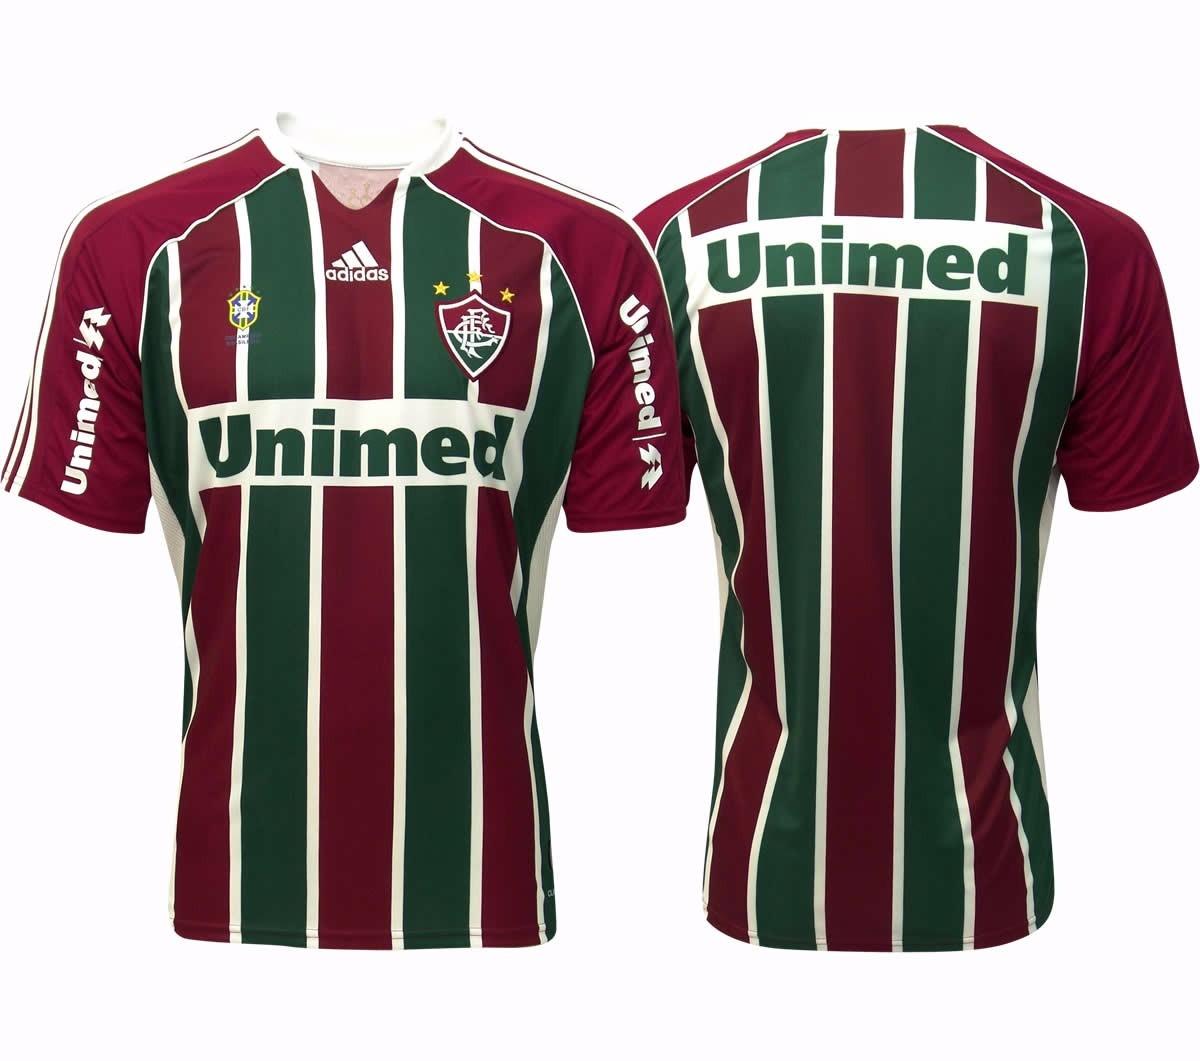 Camisa Fluminense Fluminense I 2011 P - R  119 5a212fc698a05